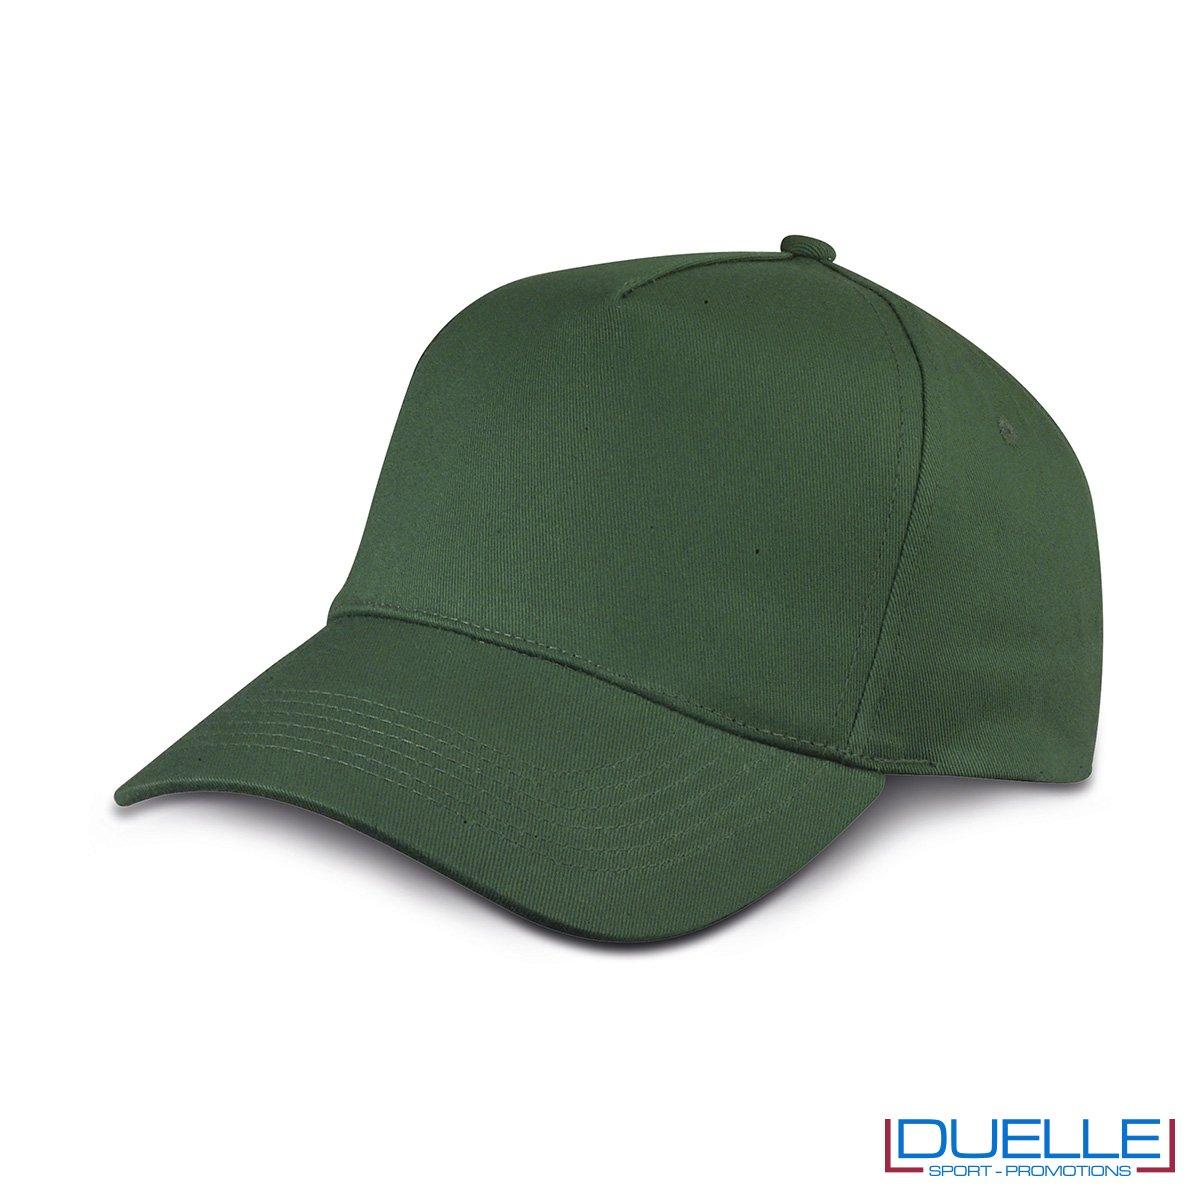 cappellino personalizzato golf a 5 pannelli colore verde scuro